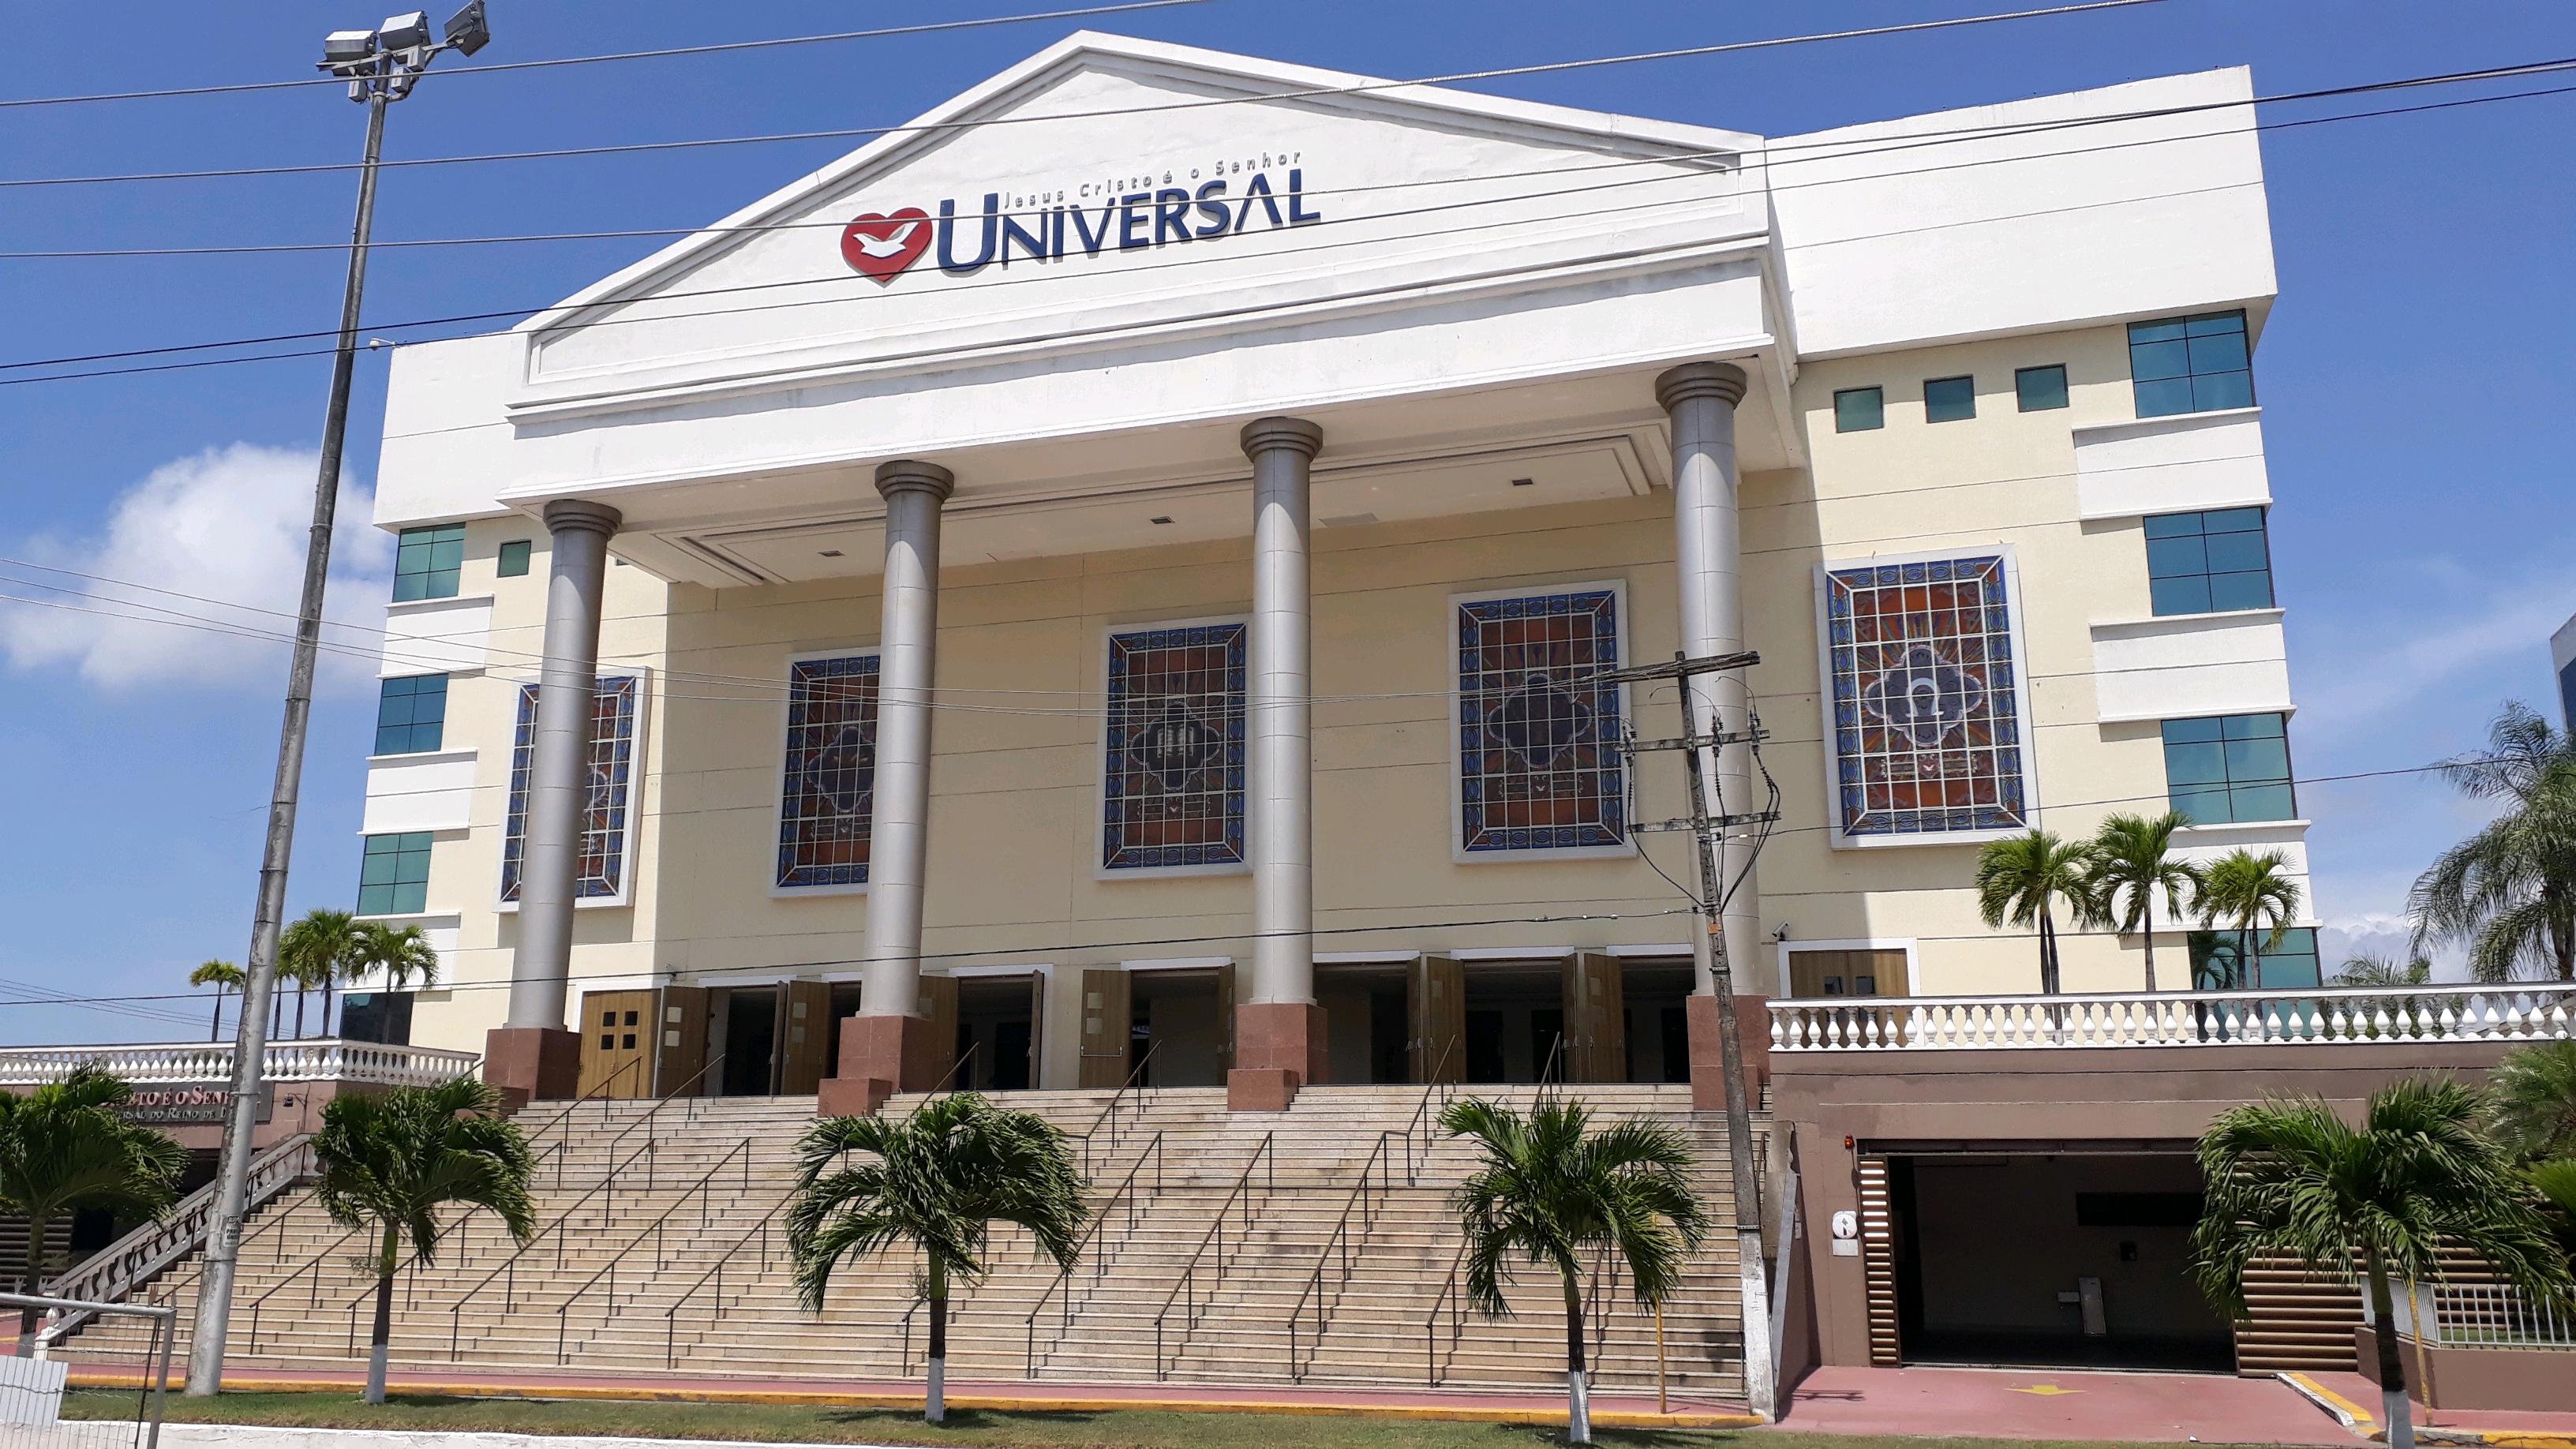 IMAGEM: Justiça bloqueia R$ 58 mil da Universal por dívida no aluguel de templo